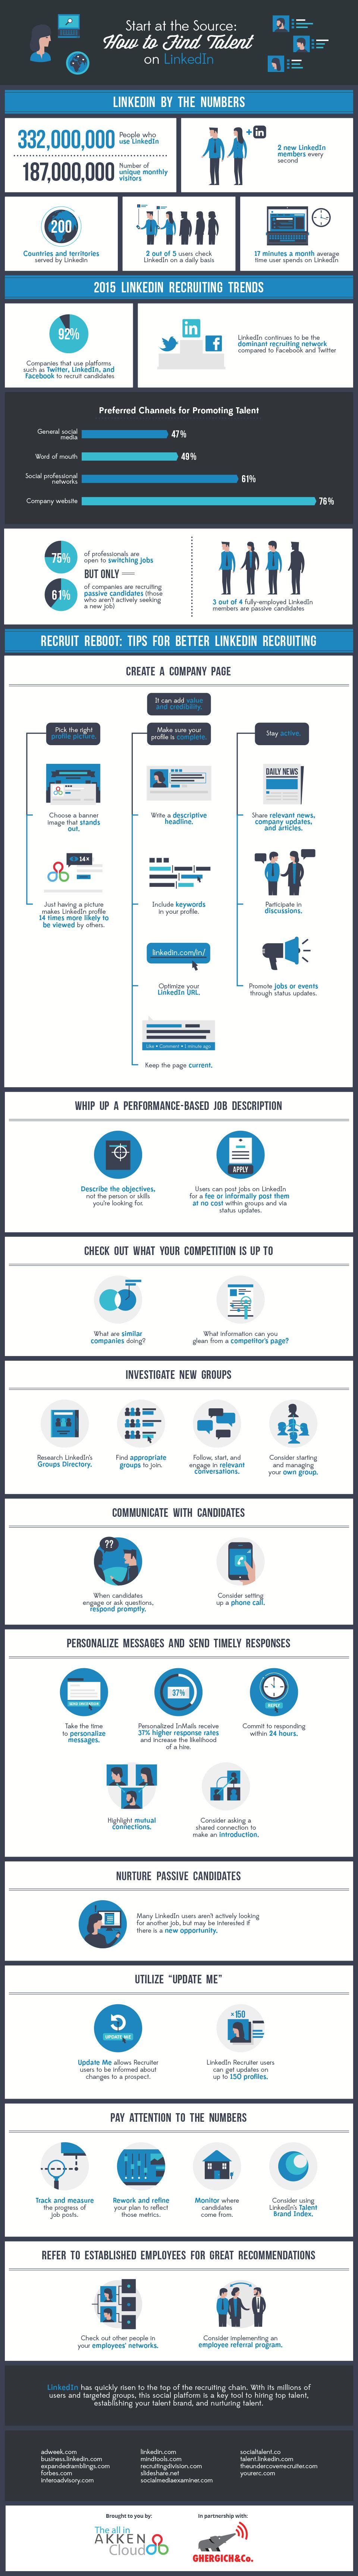 Infographic om talent op LinkedIn te vinden